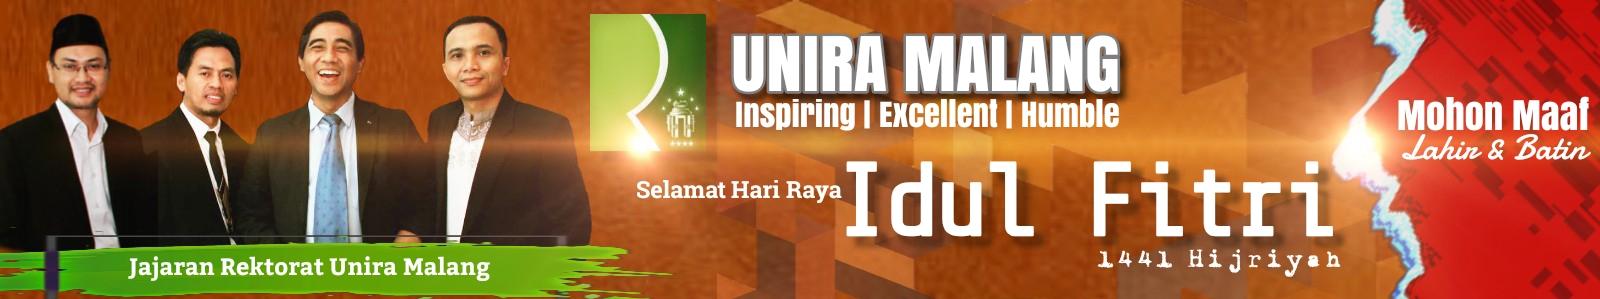 Unira Malang